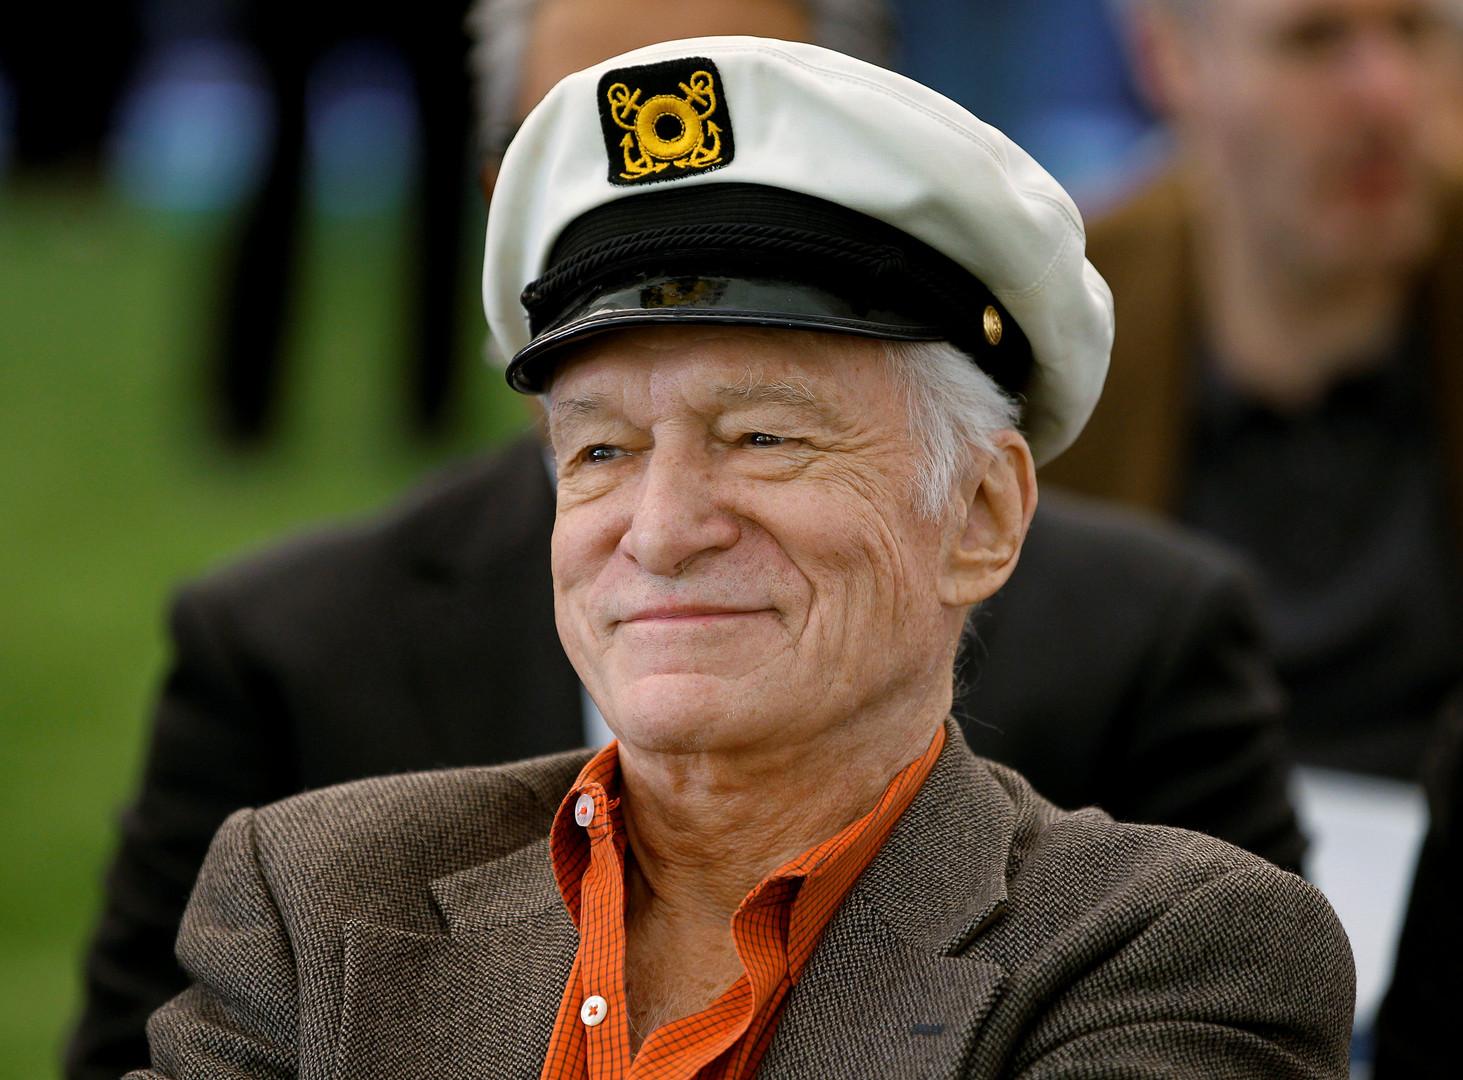 Скончался основатель журнала Playboy Хефнер